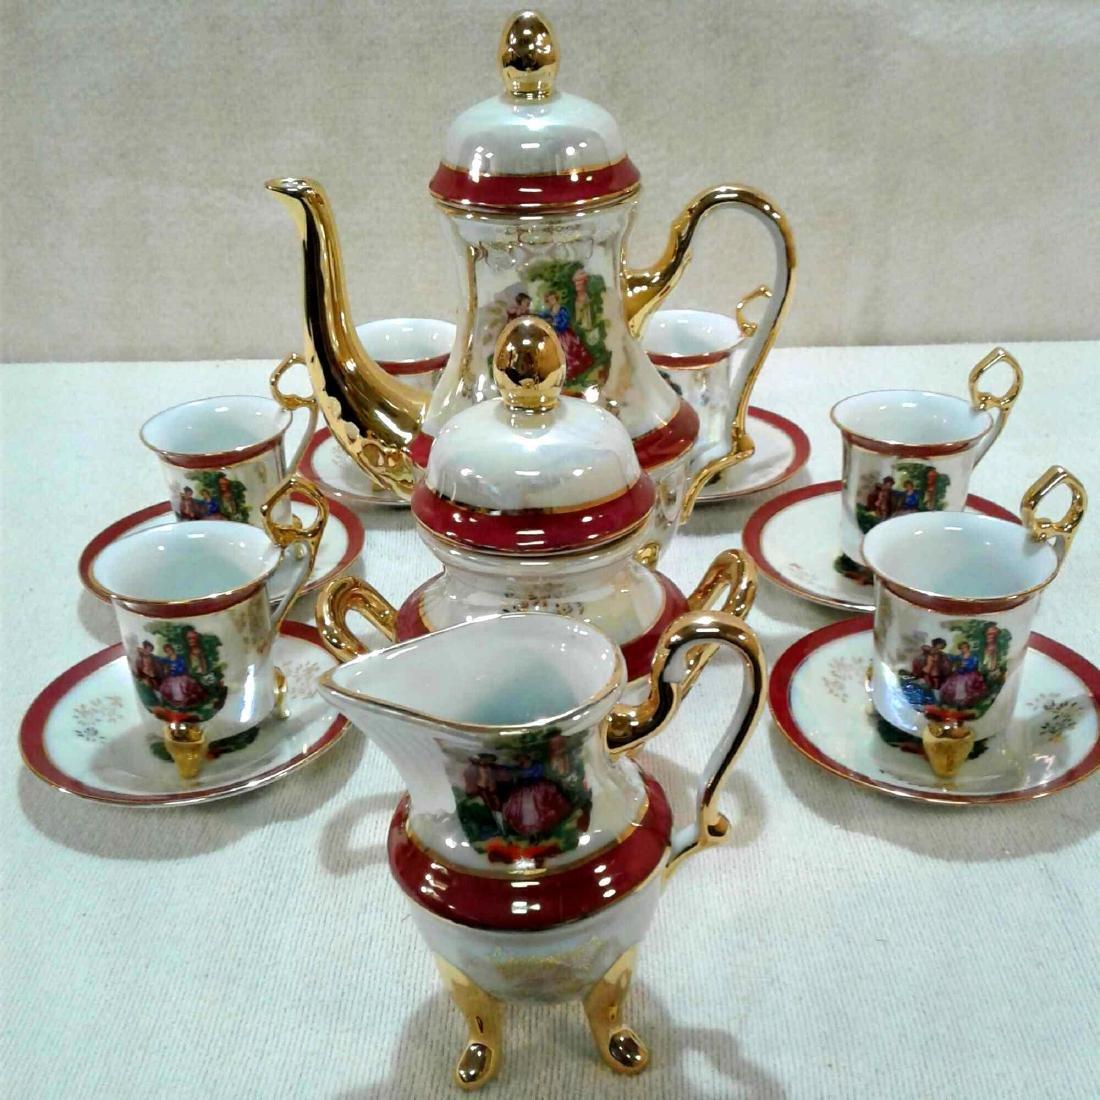 Imperial Tea Set